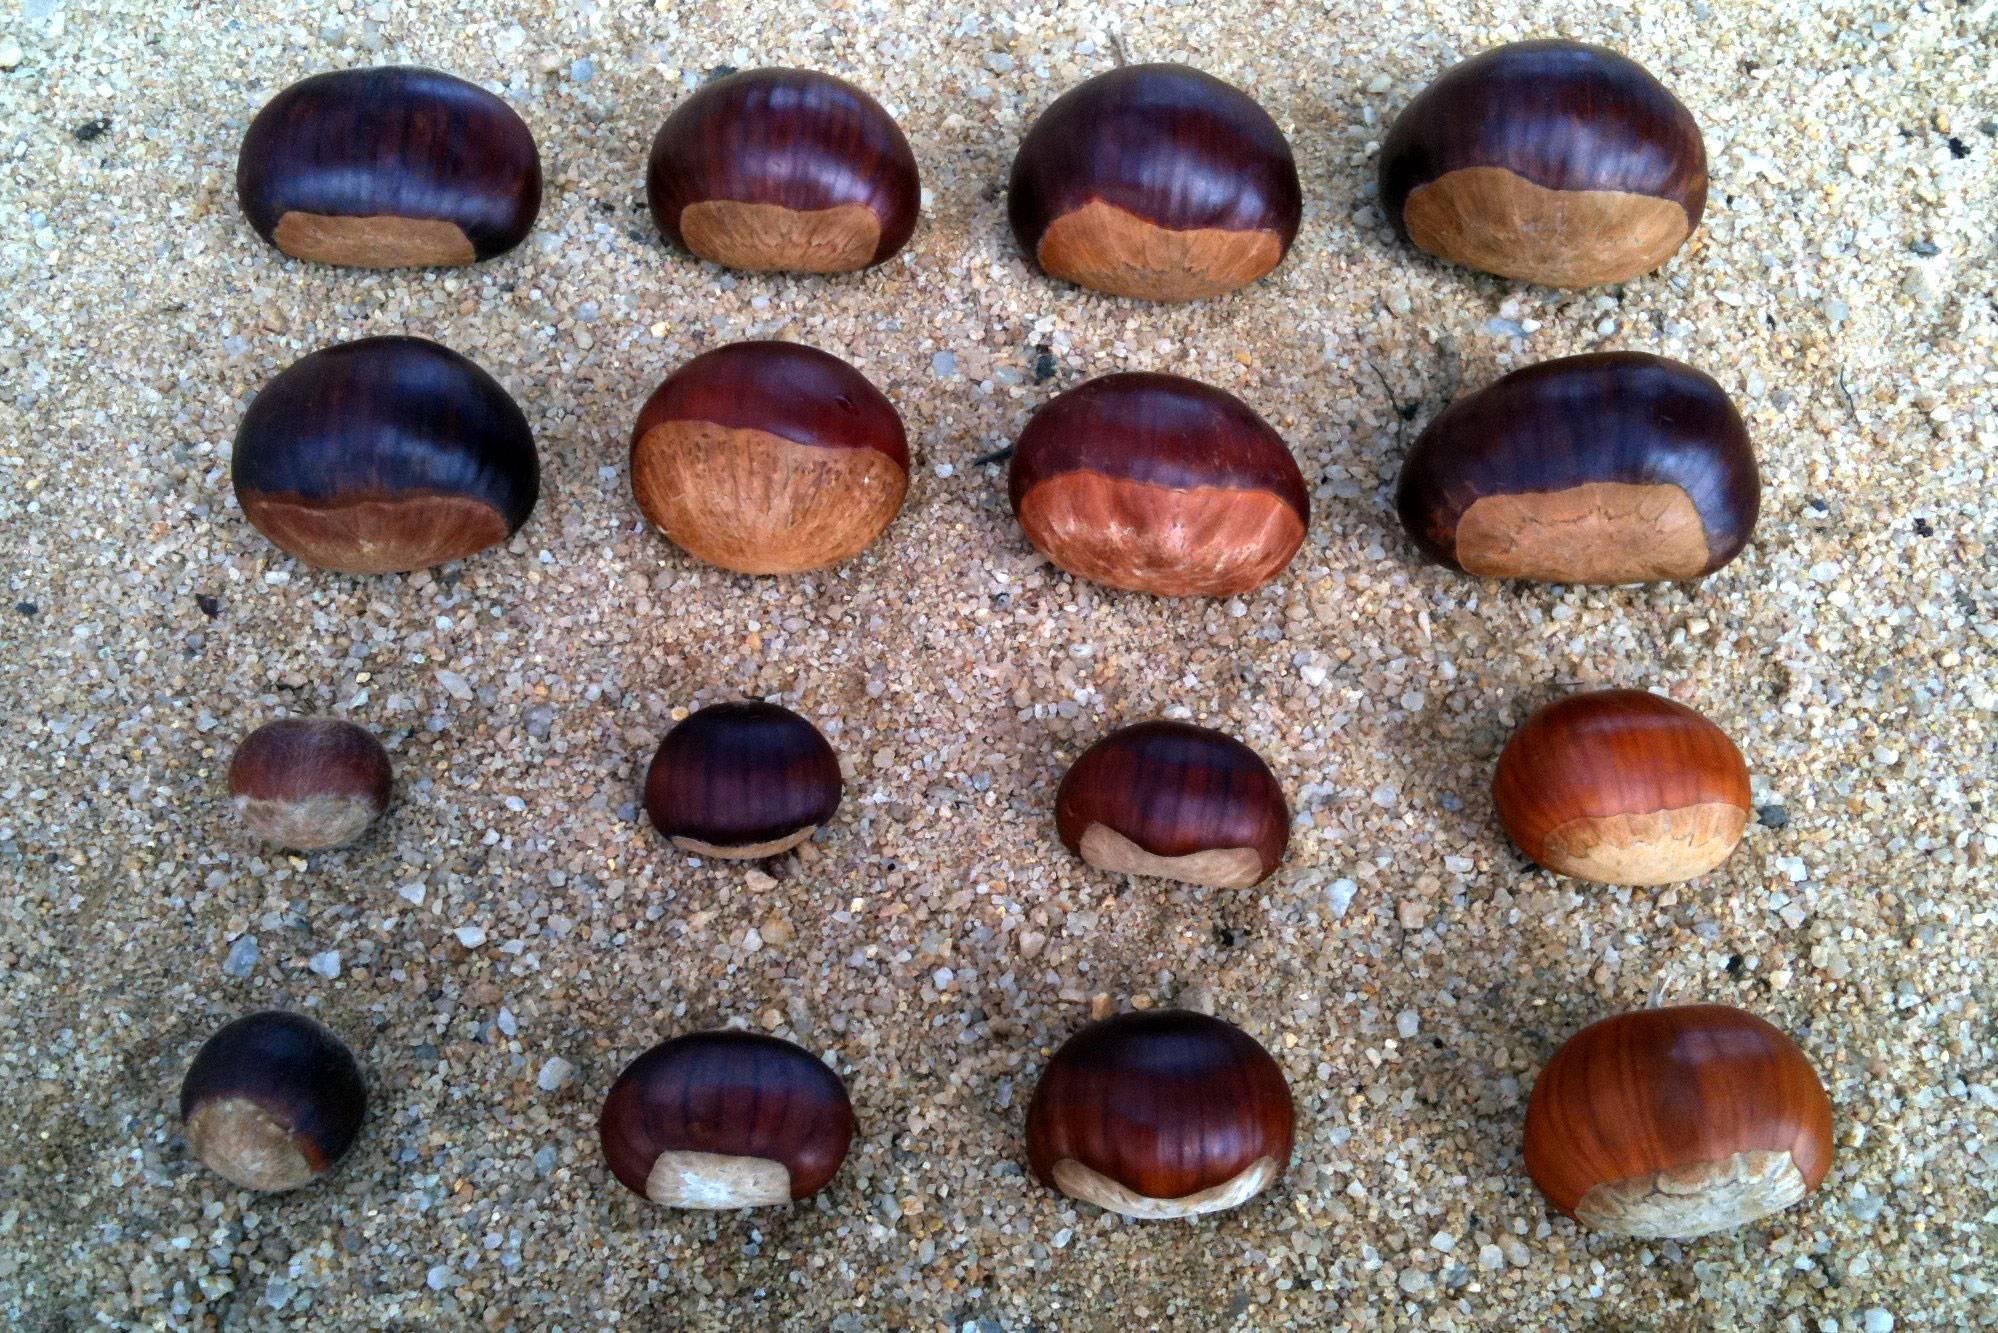 Как выращивать каштан? как правильно прорастить каштан дома из ореха? где посадить каштан на участке - sadovnikam.ru